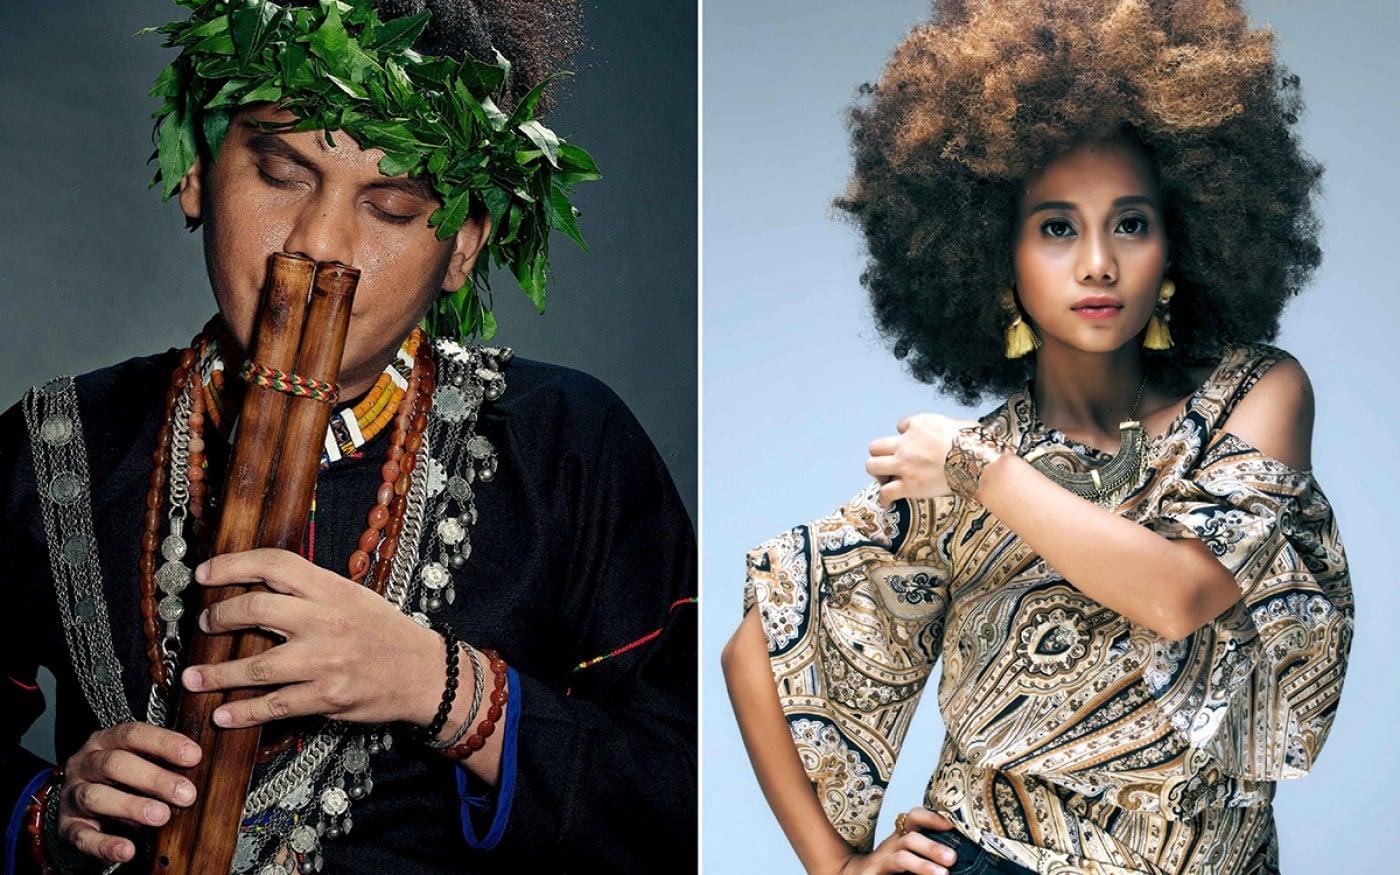 桑布伊和阿爆(阿仍仍)將台灣原住民音樂帶來香港分享。